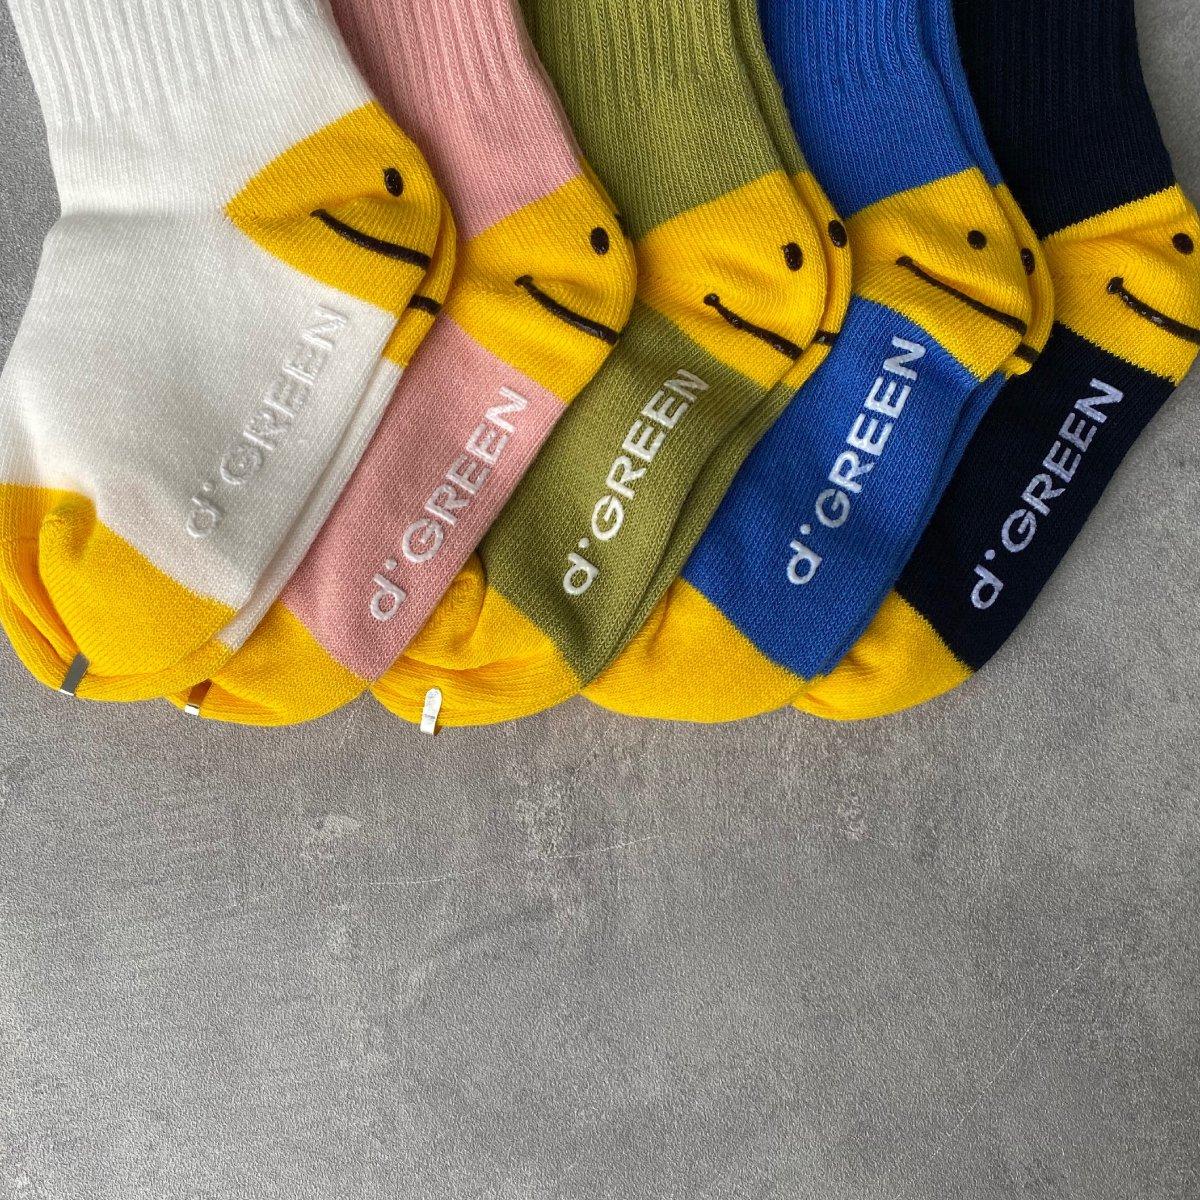 【BABY】Smile Socks 詳細画像8